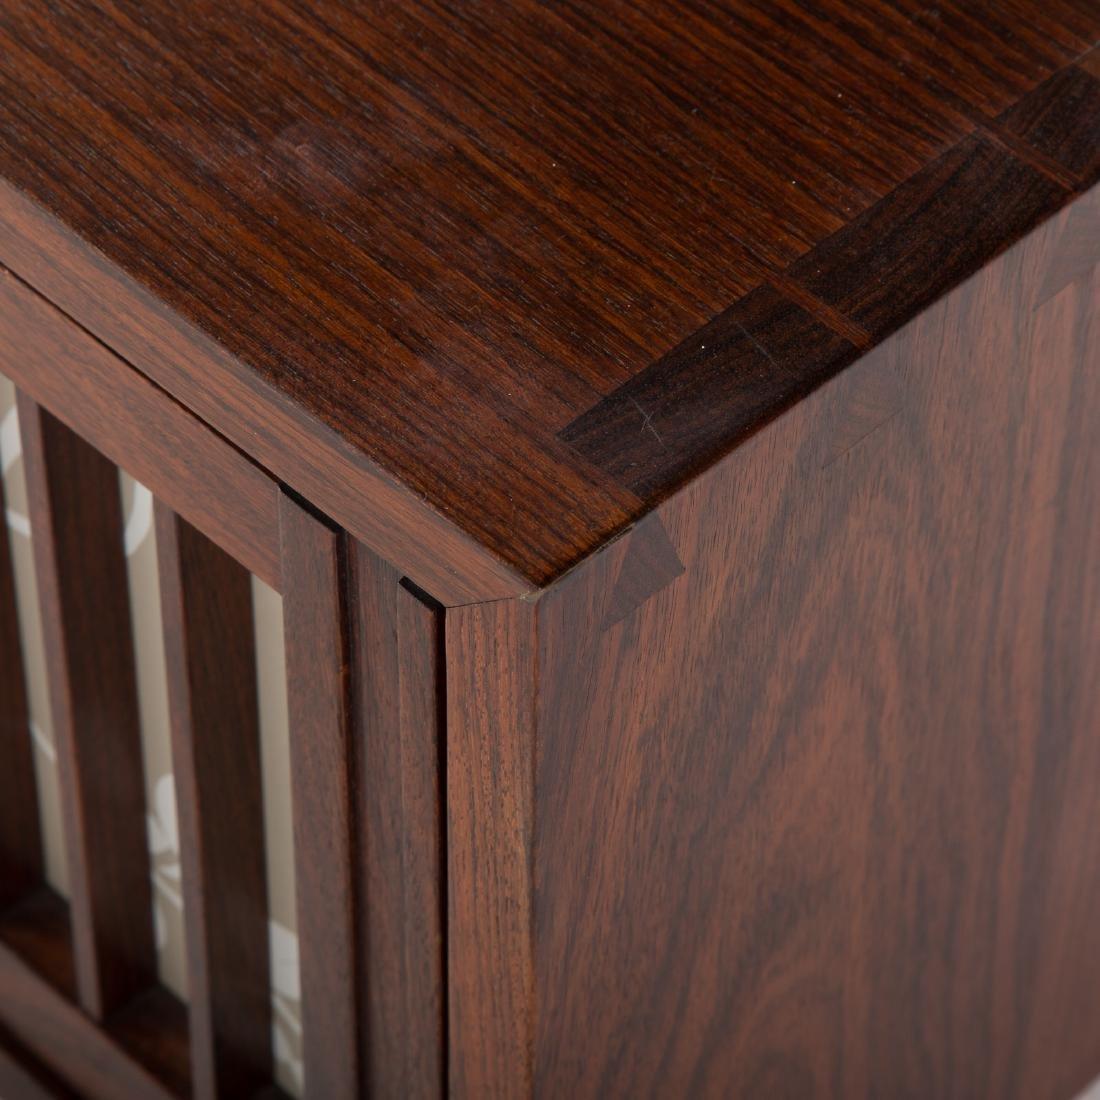 George Nakashima Custom Wall Case - 6